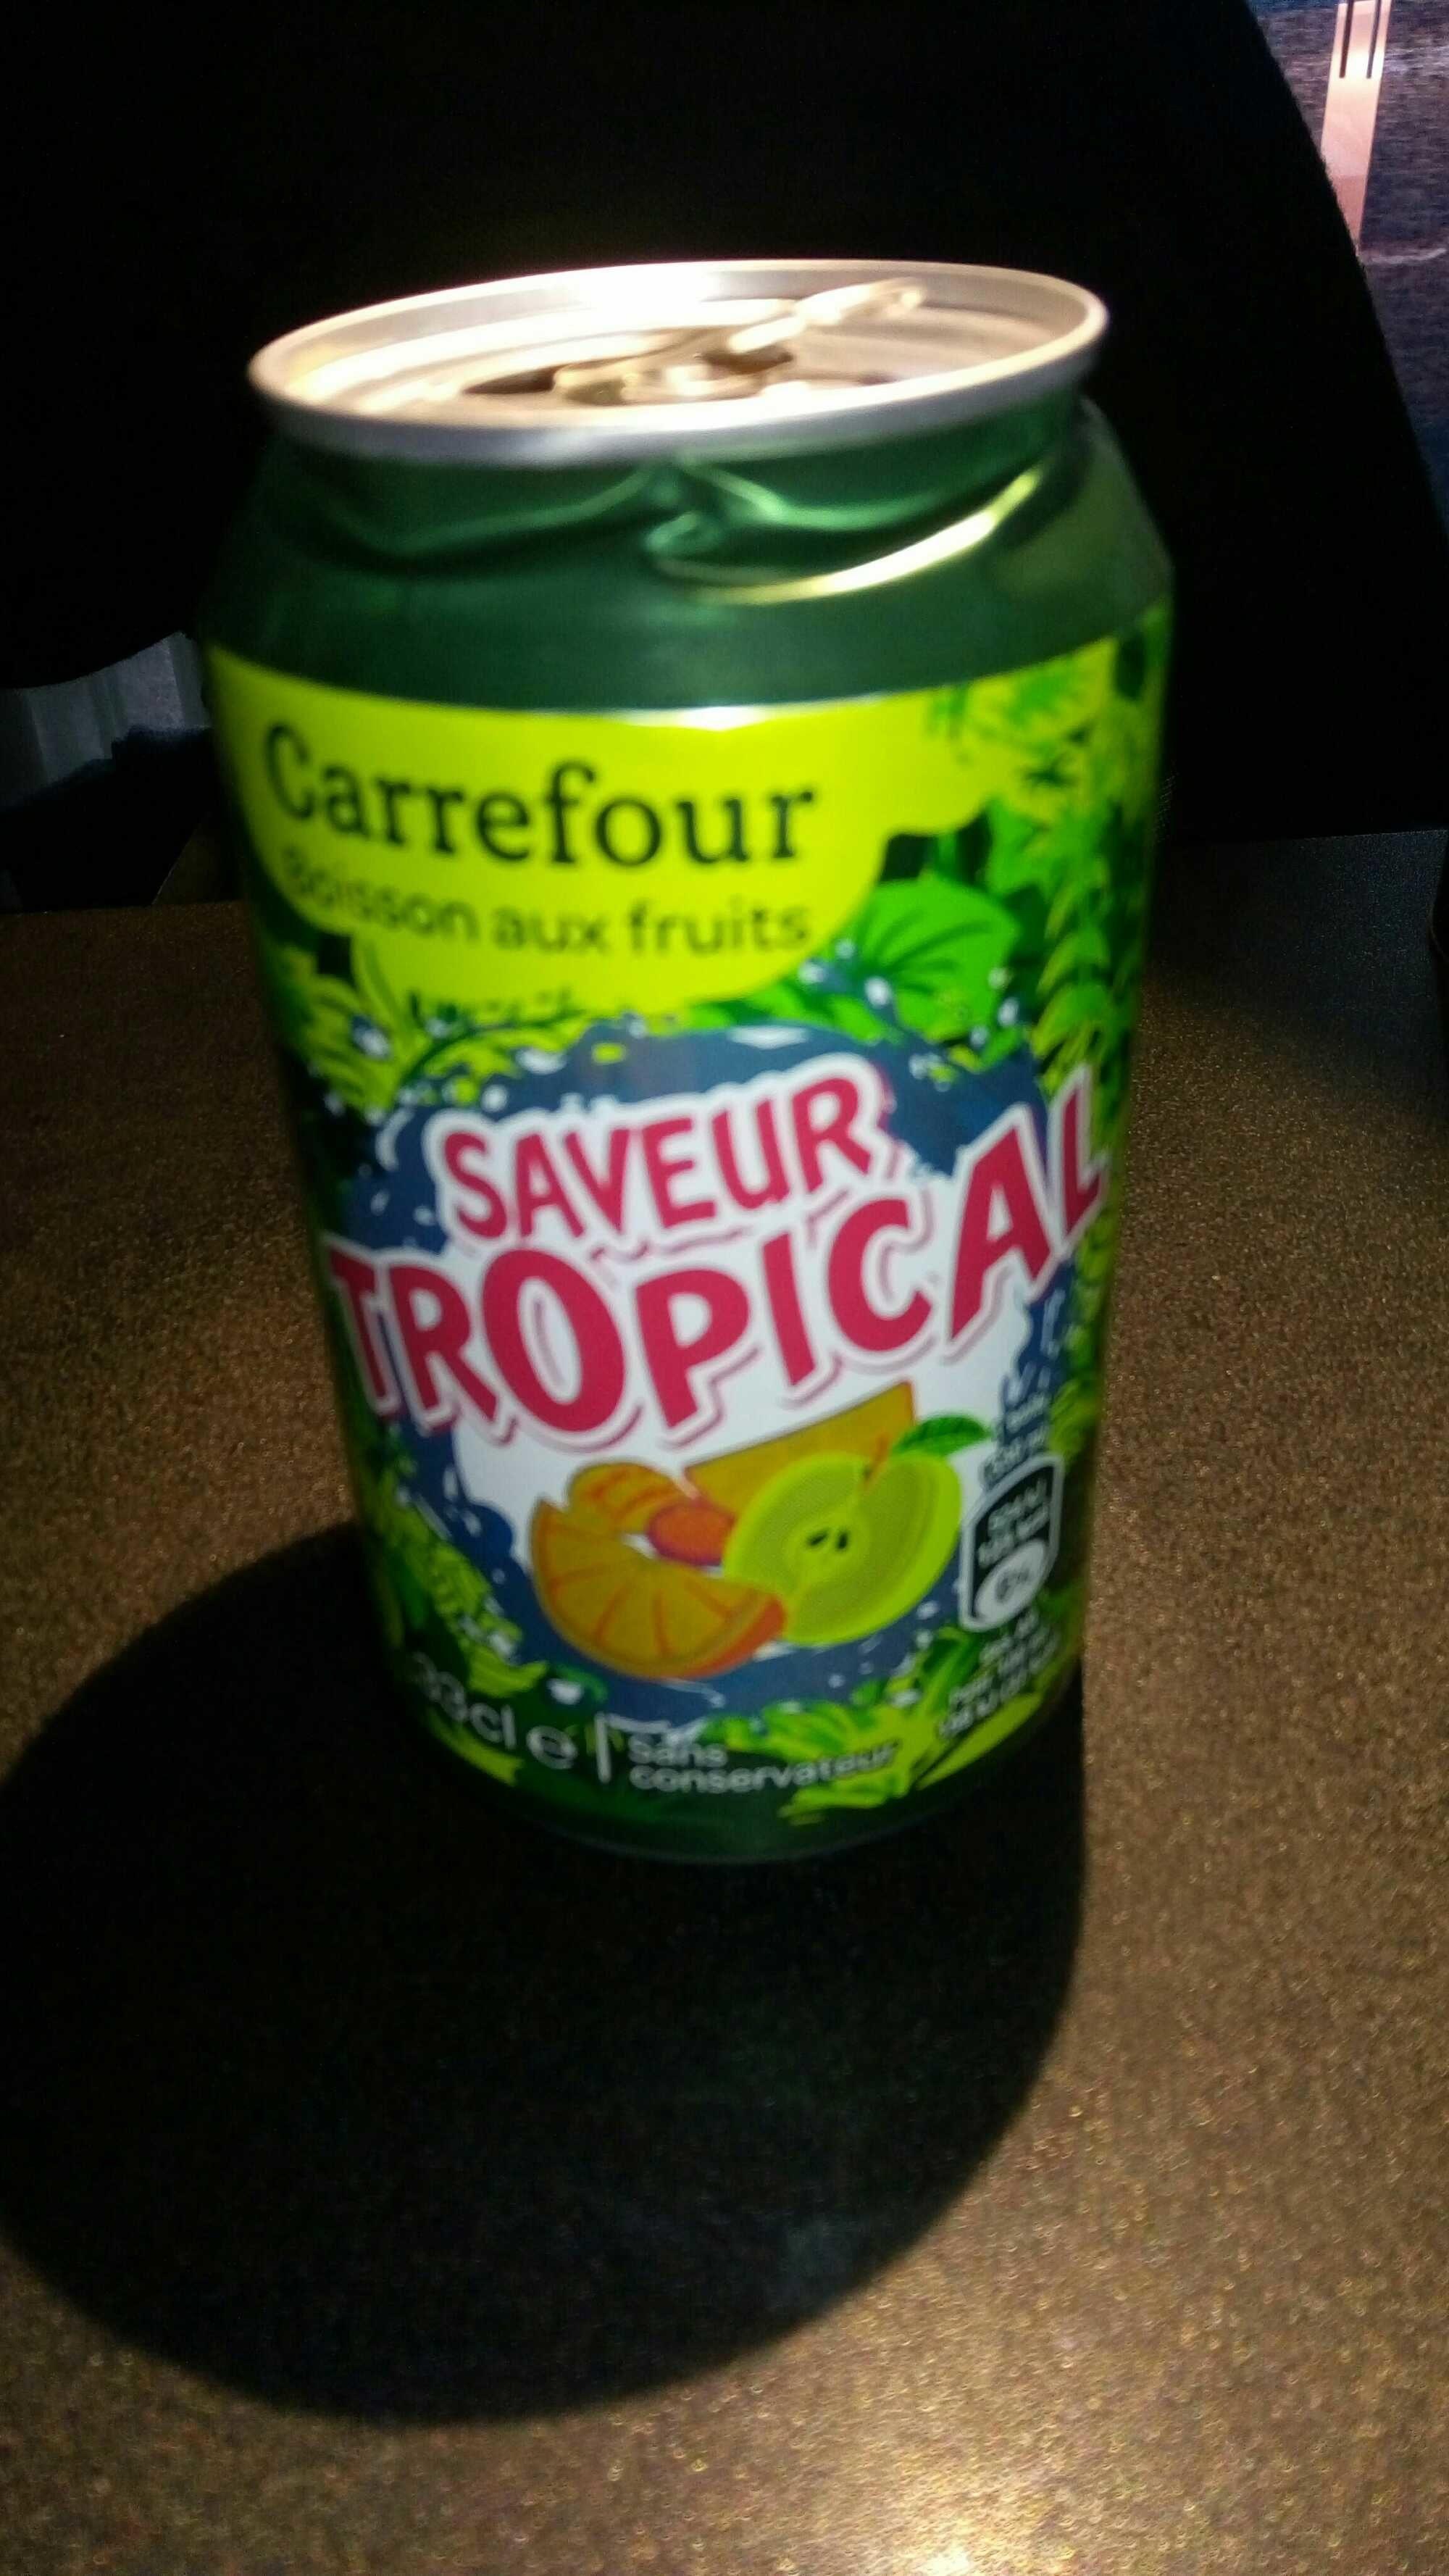 Boisson aux Fruits saveur Tropical - Product - fr